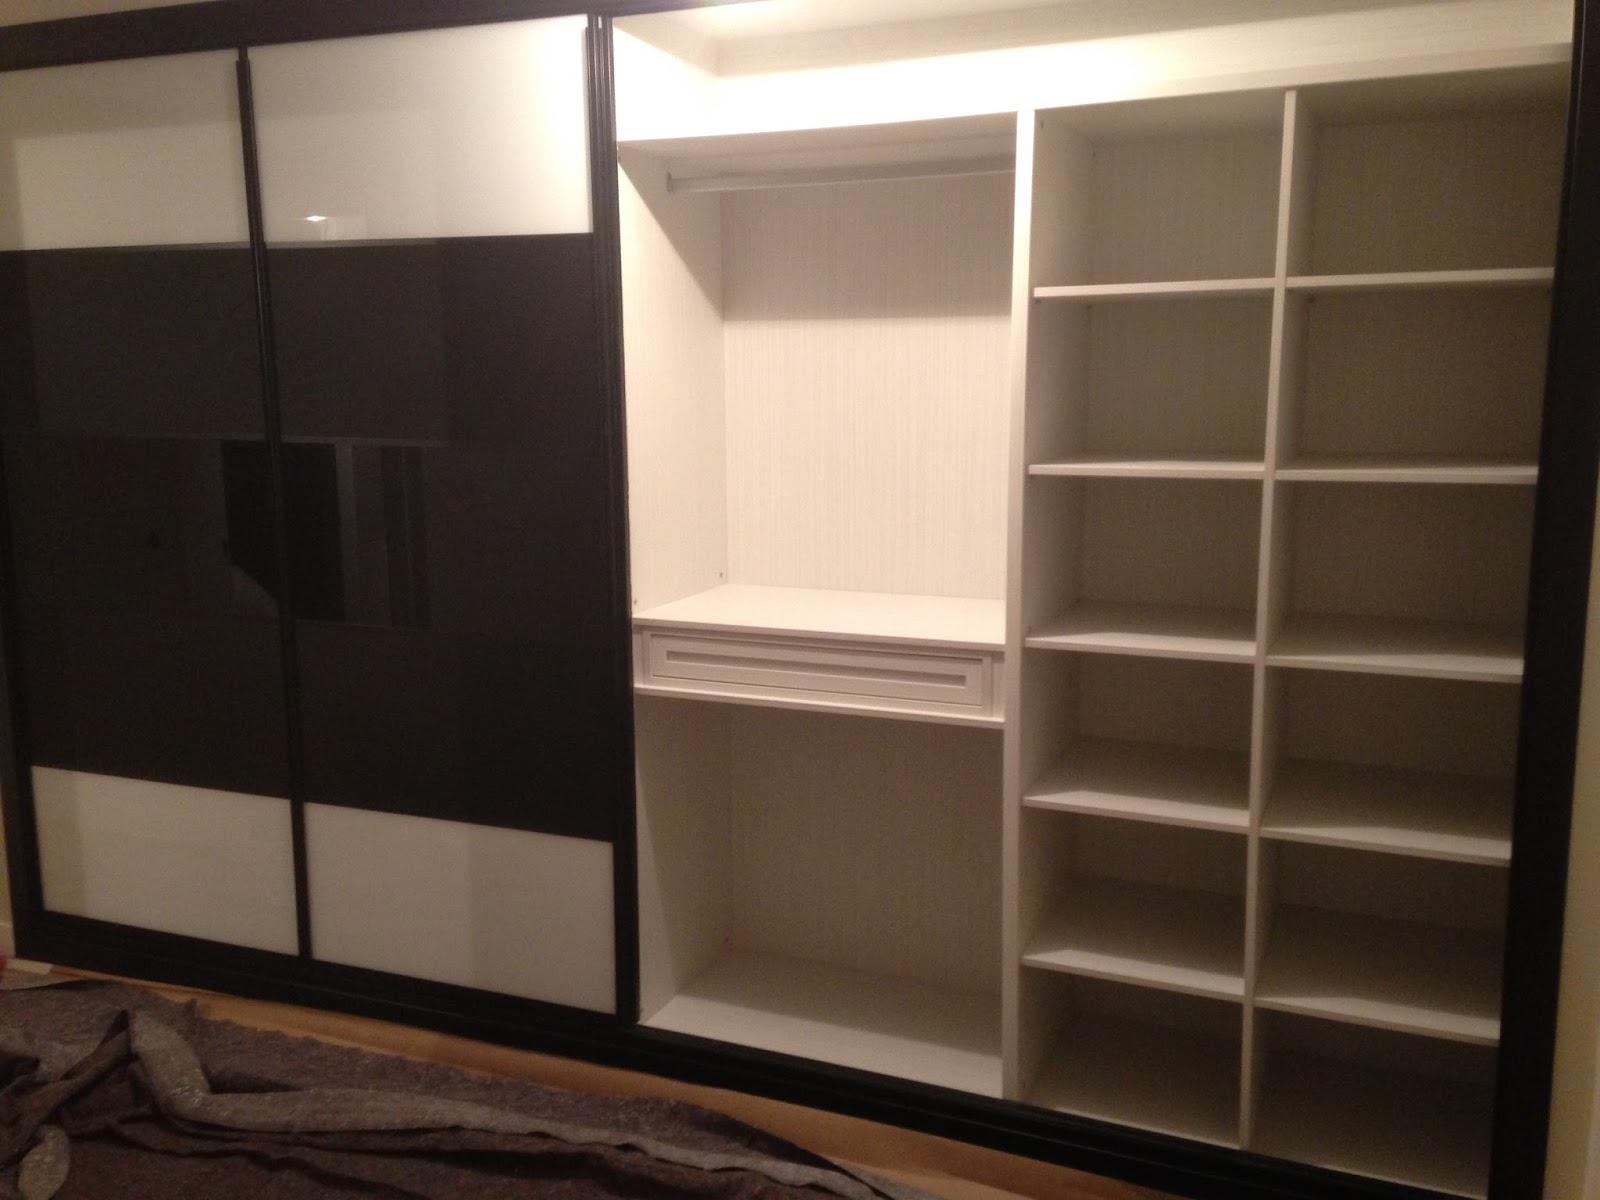 Dise o de interior de armarios empotrados ch decora - Armarios empotrados diseno ...